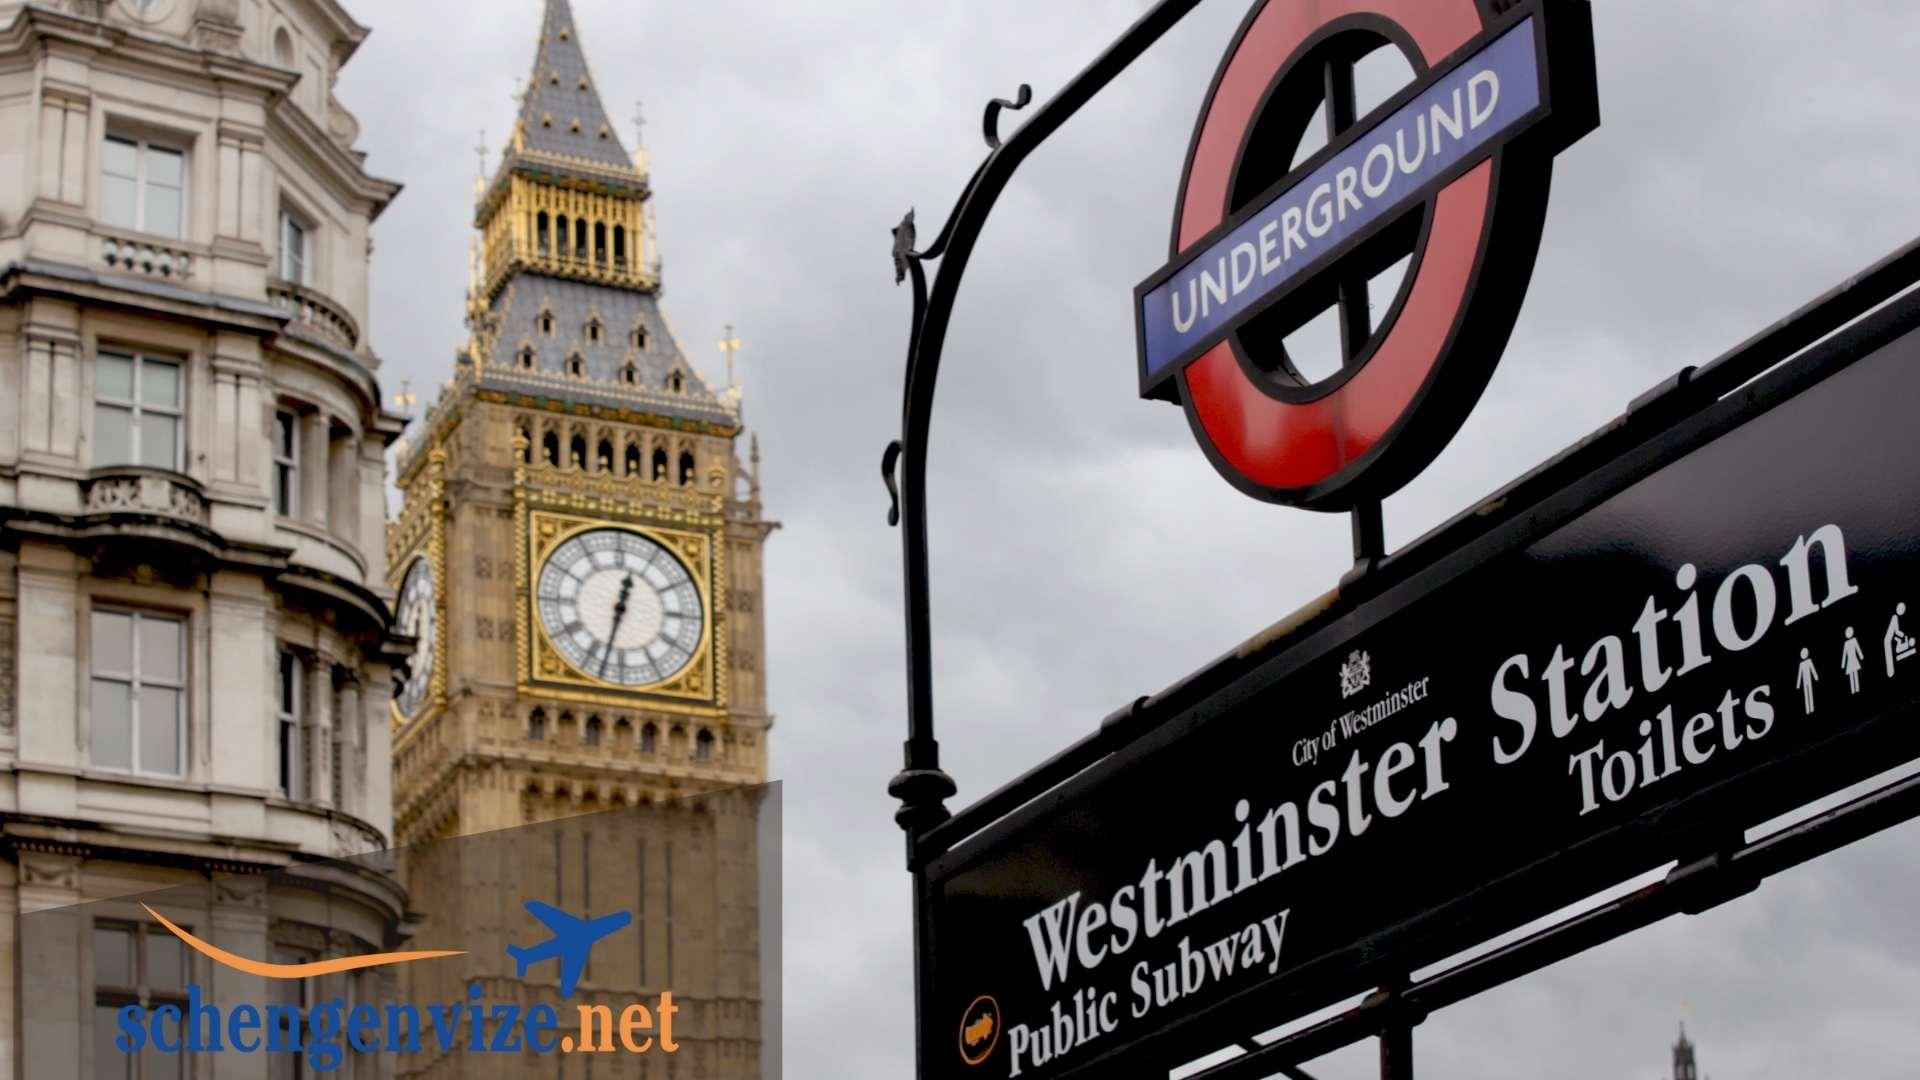 İngiltere Turistik Vize Dilekçesi